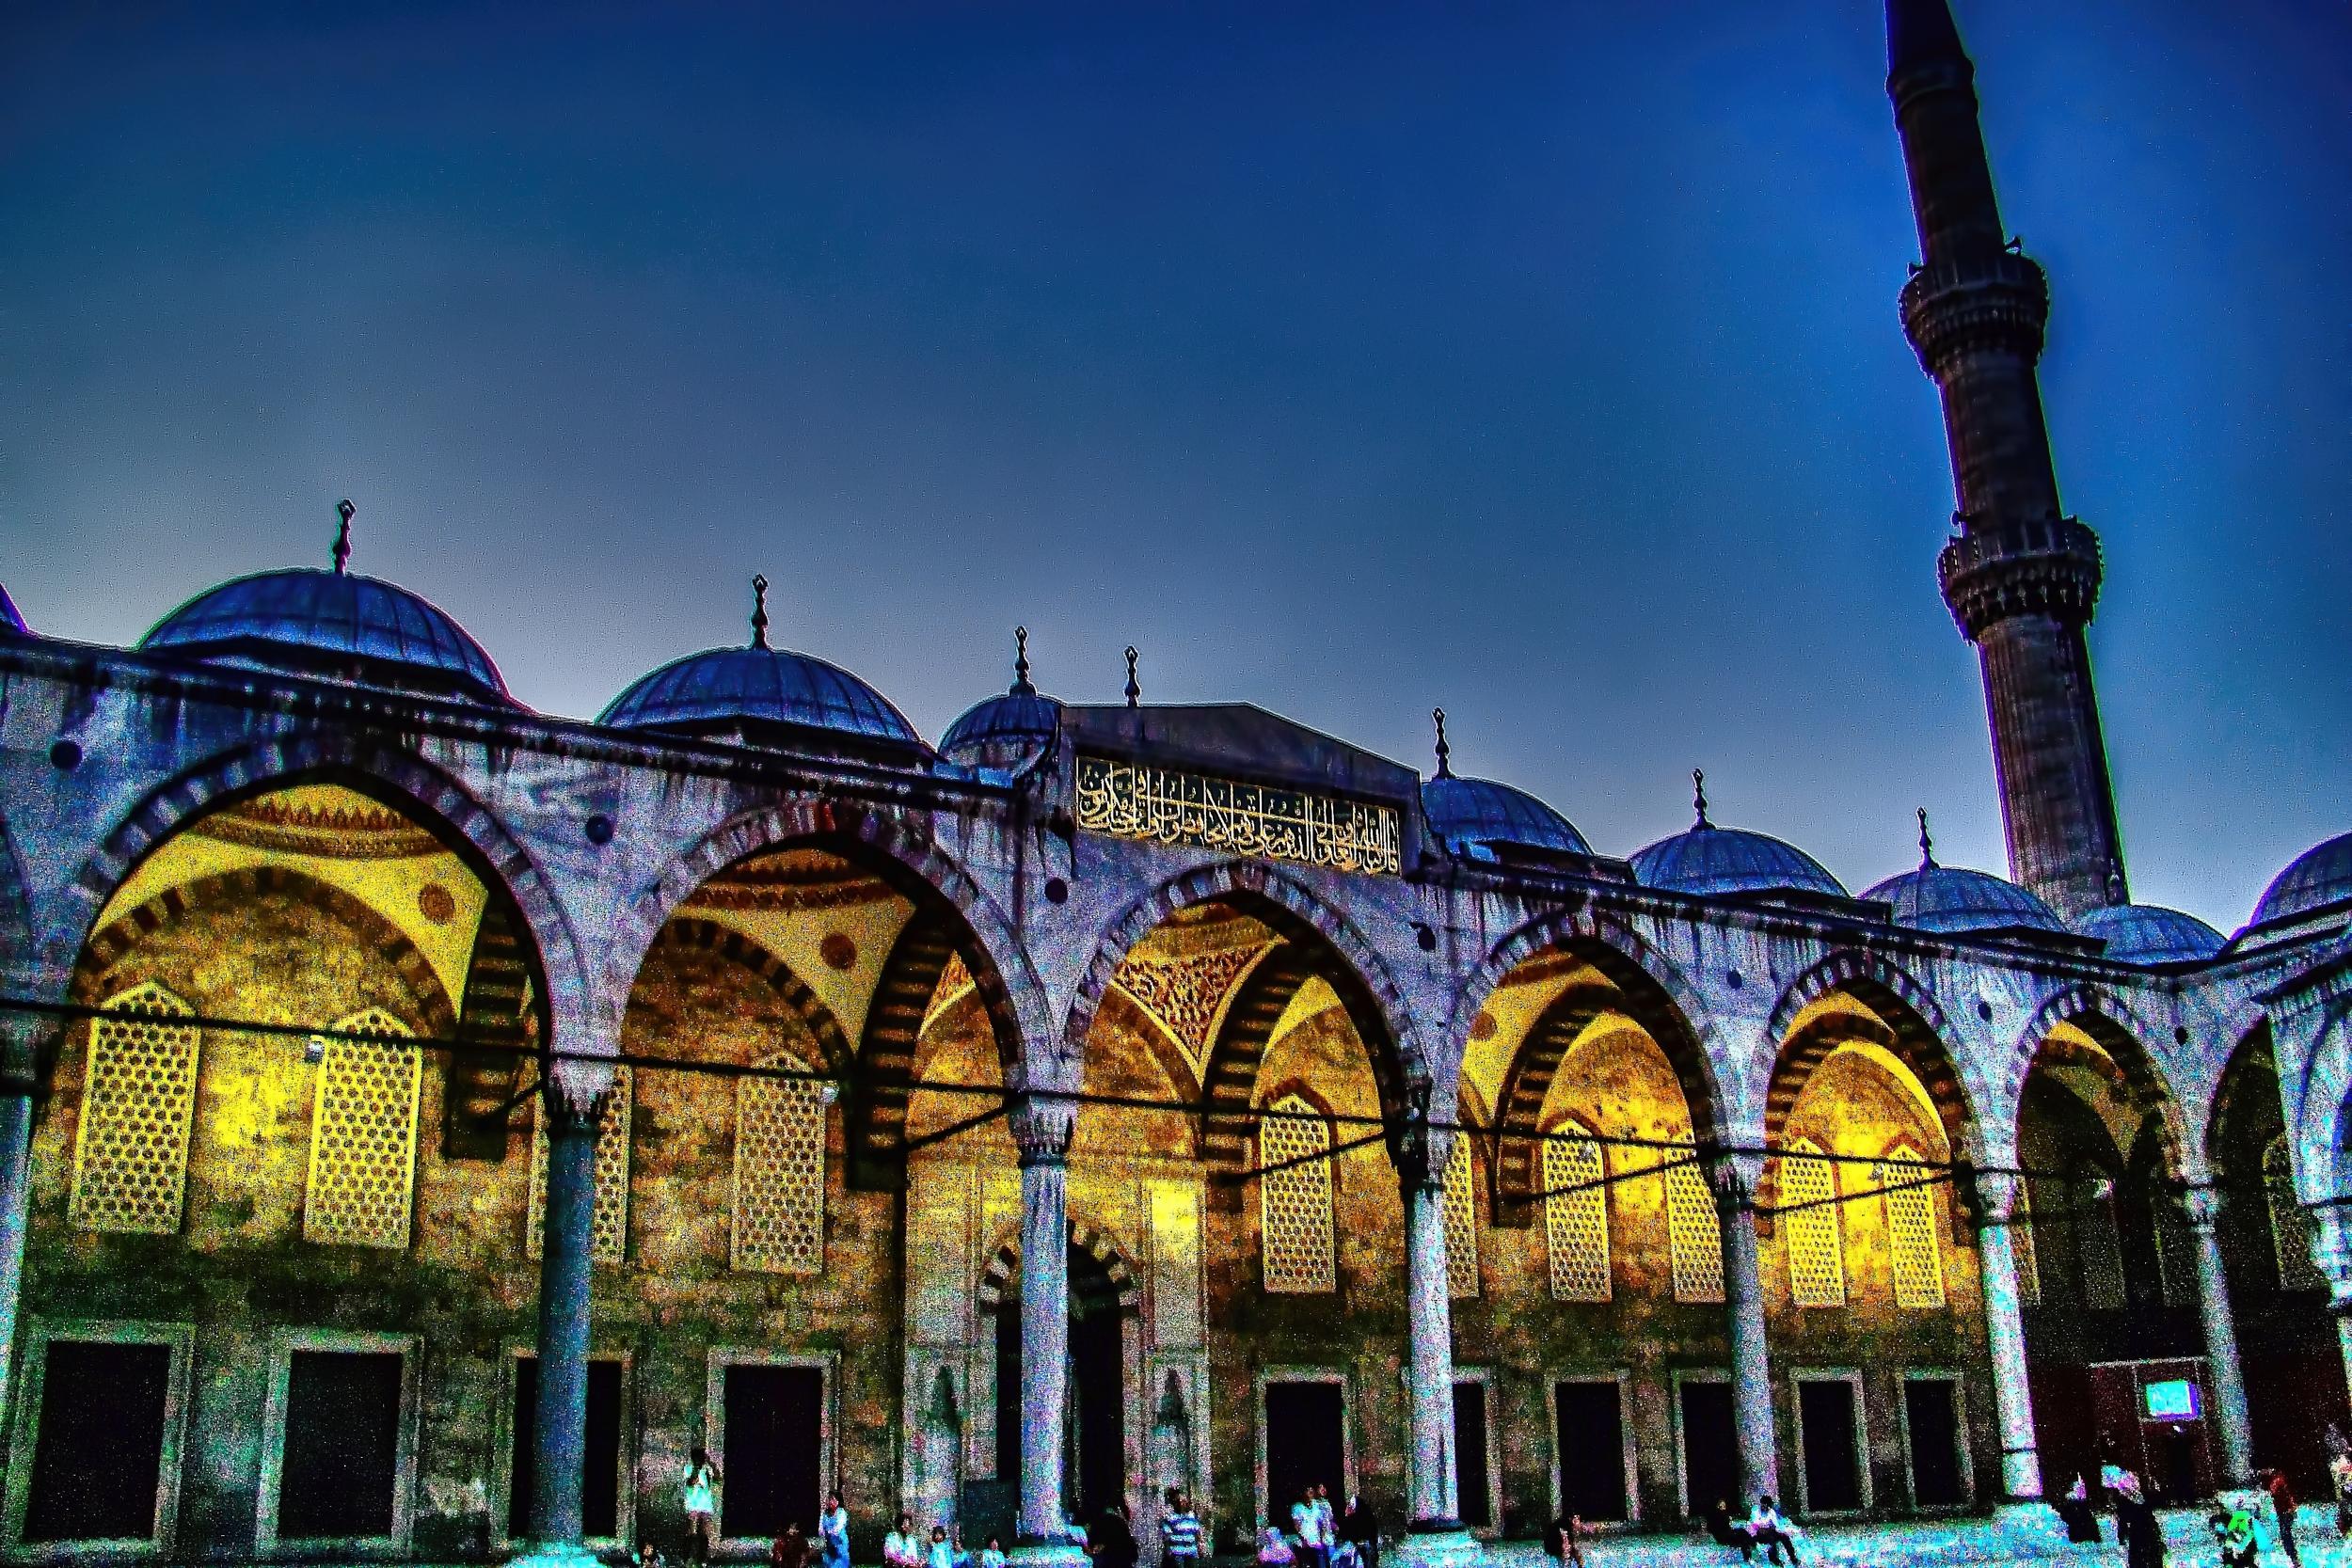 la mezquita azul por fuera es una belleza, quiero conocerla por dentro